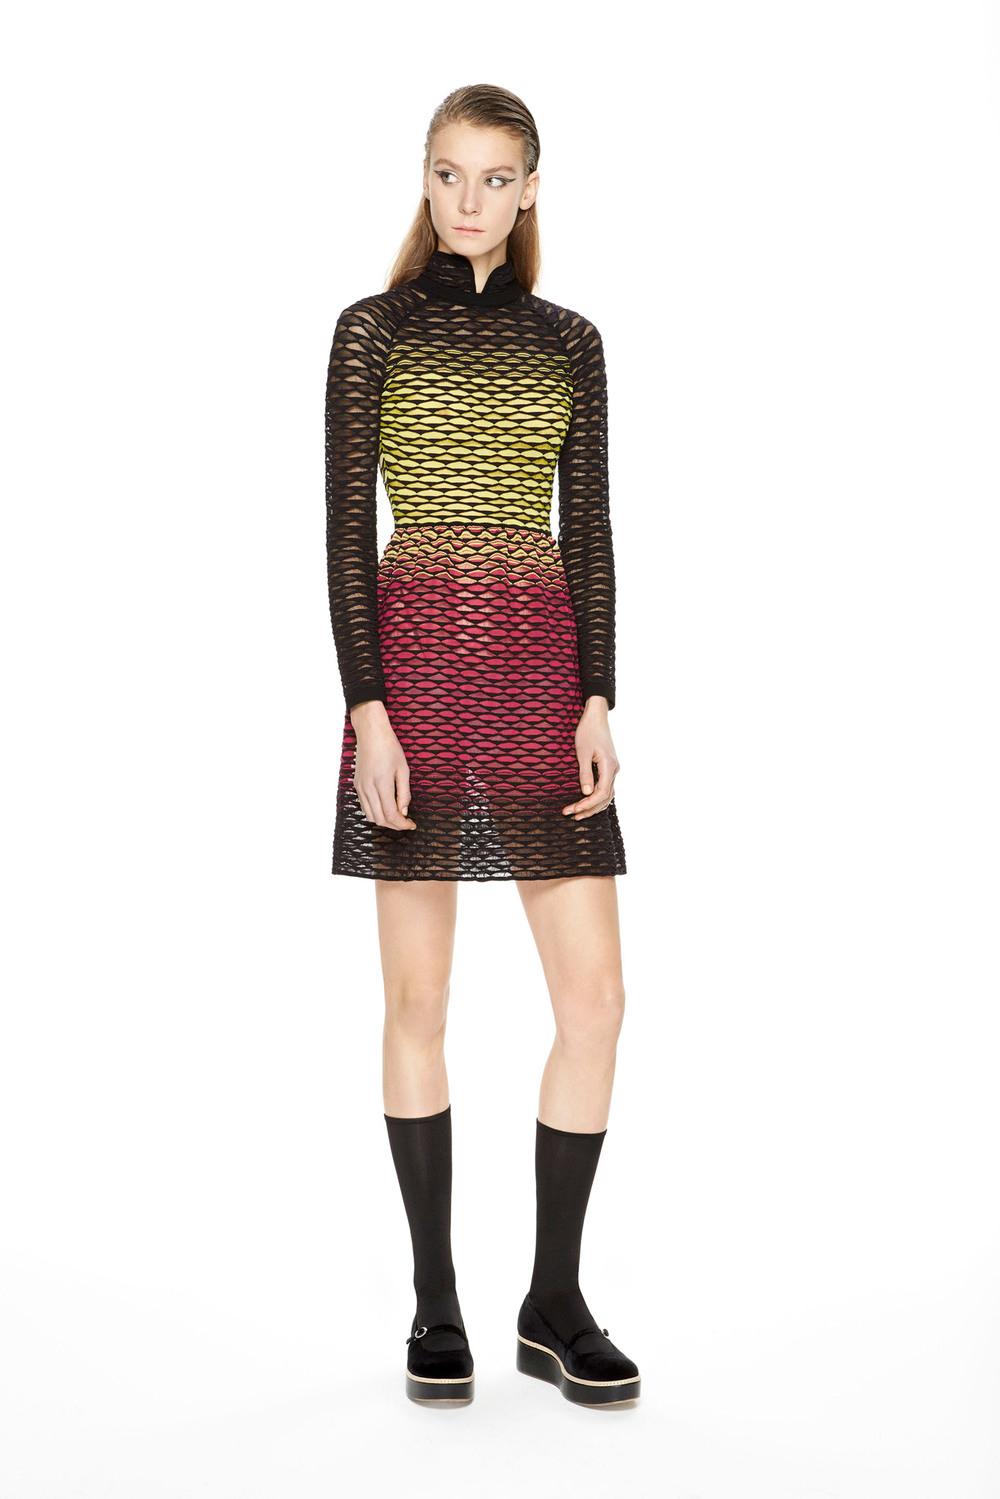 M Missoni Ombre Dress Fall 2015